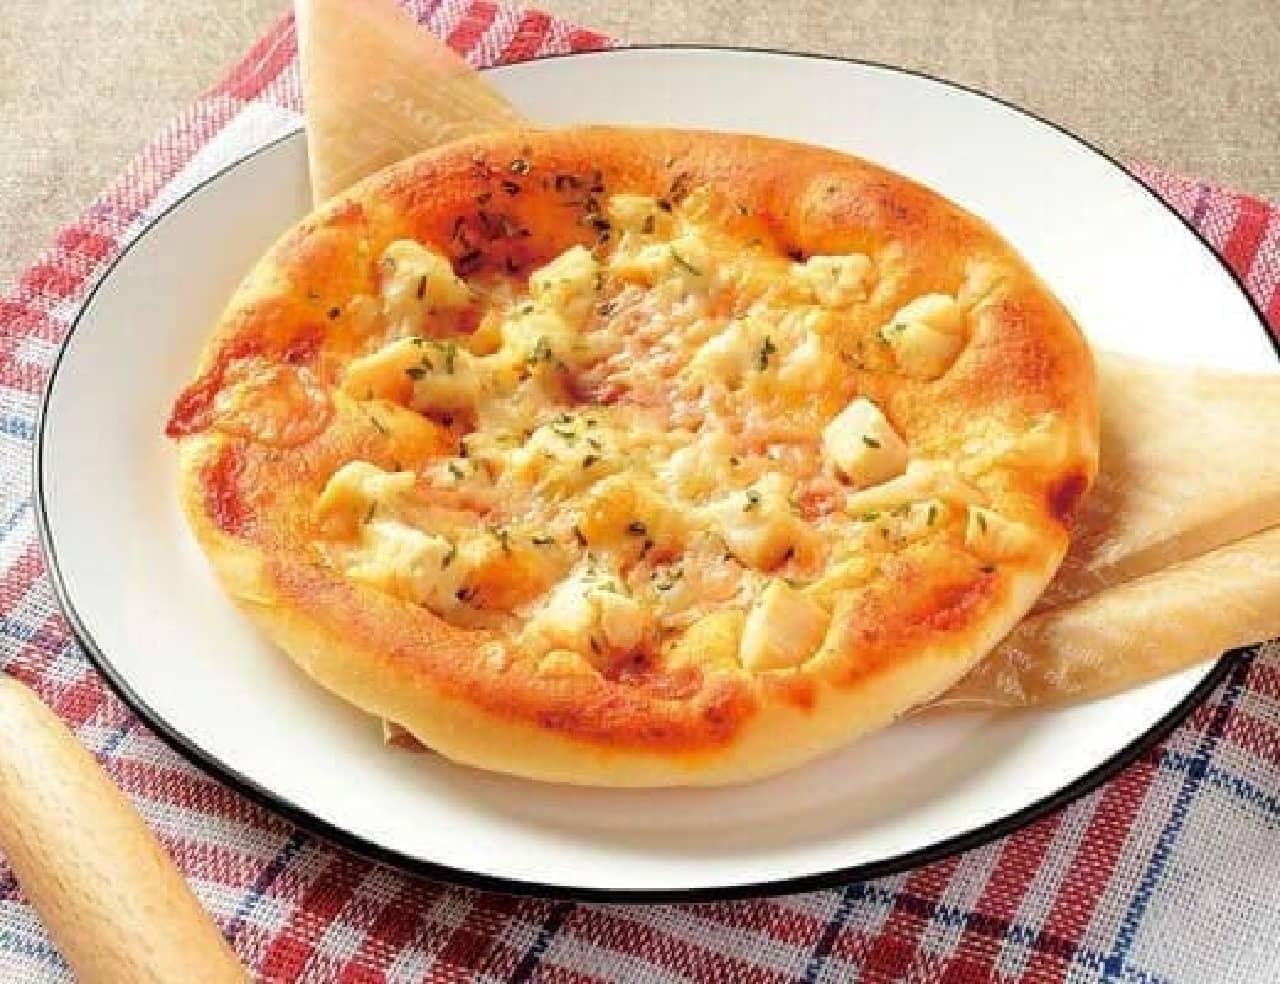 ローソン「トマトチーズピザパン」